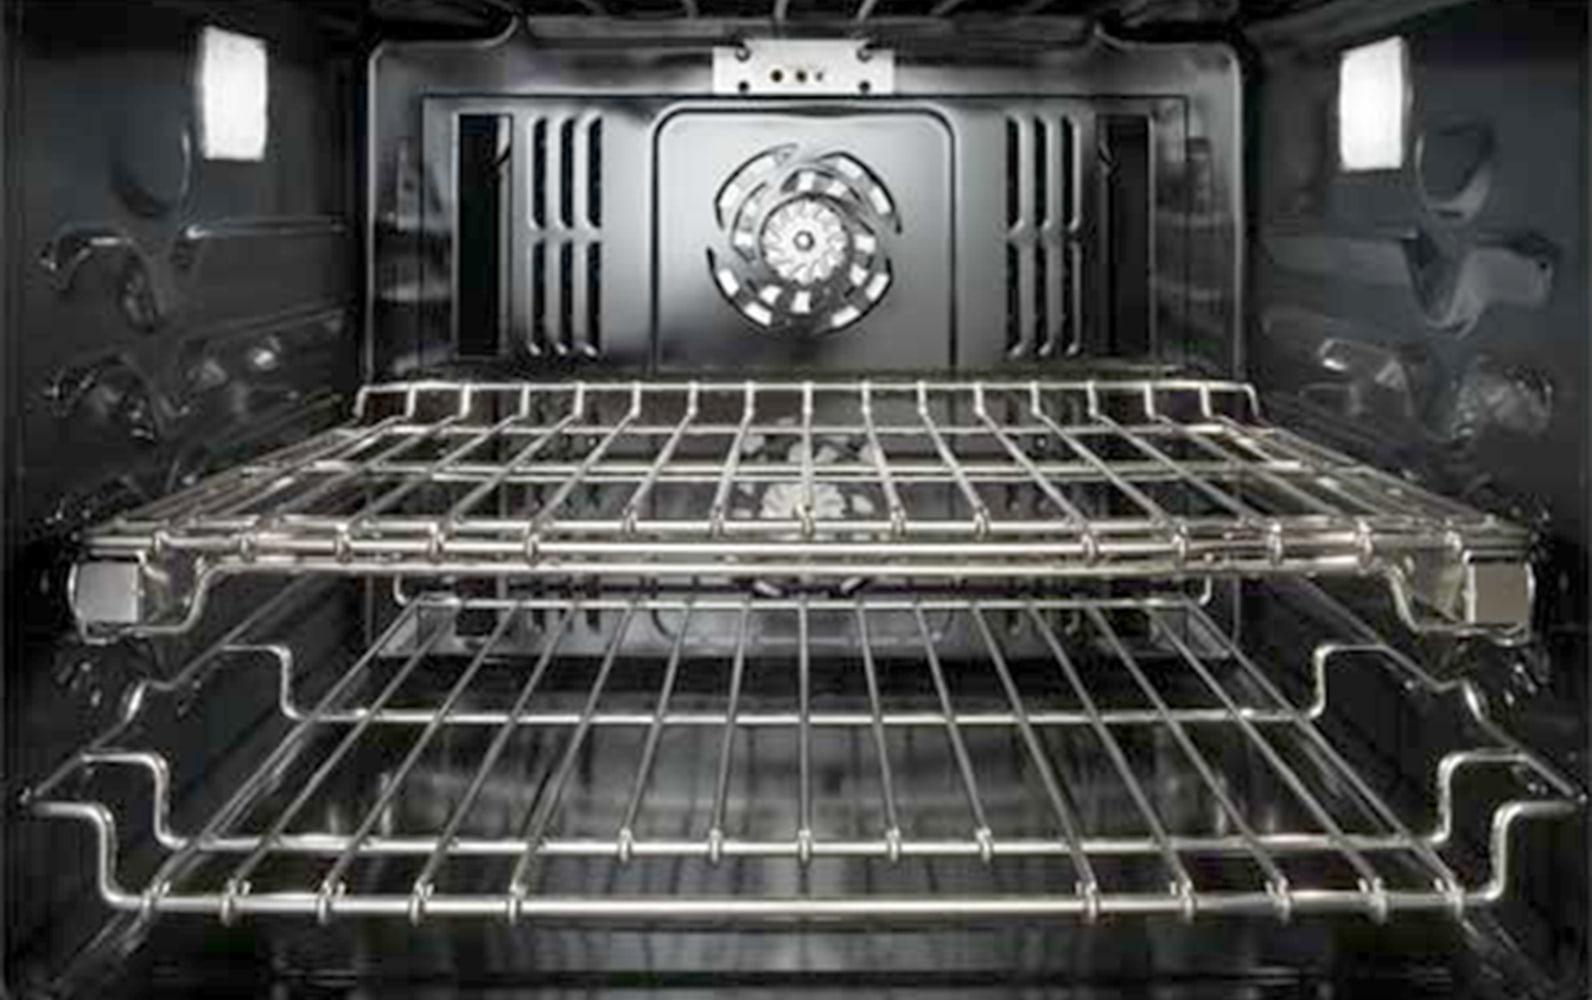 Whirlpool Recalls Jenn Air Ovens Over Burn Risk From